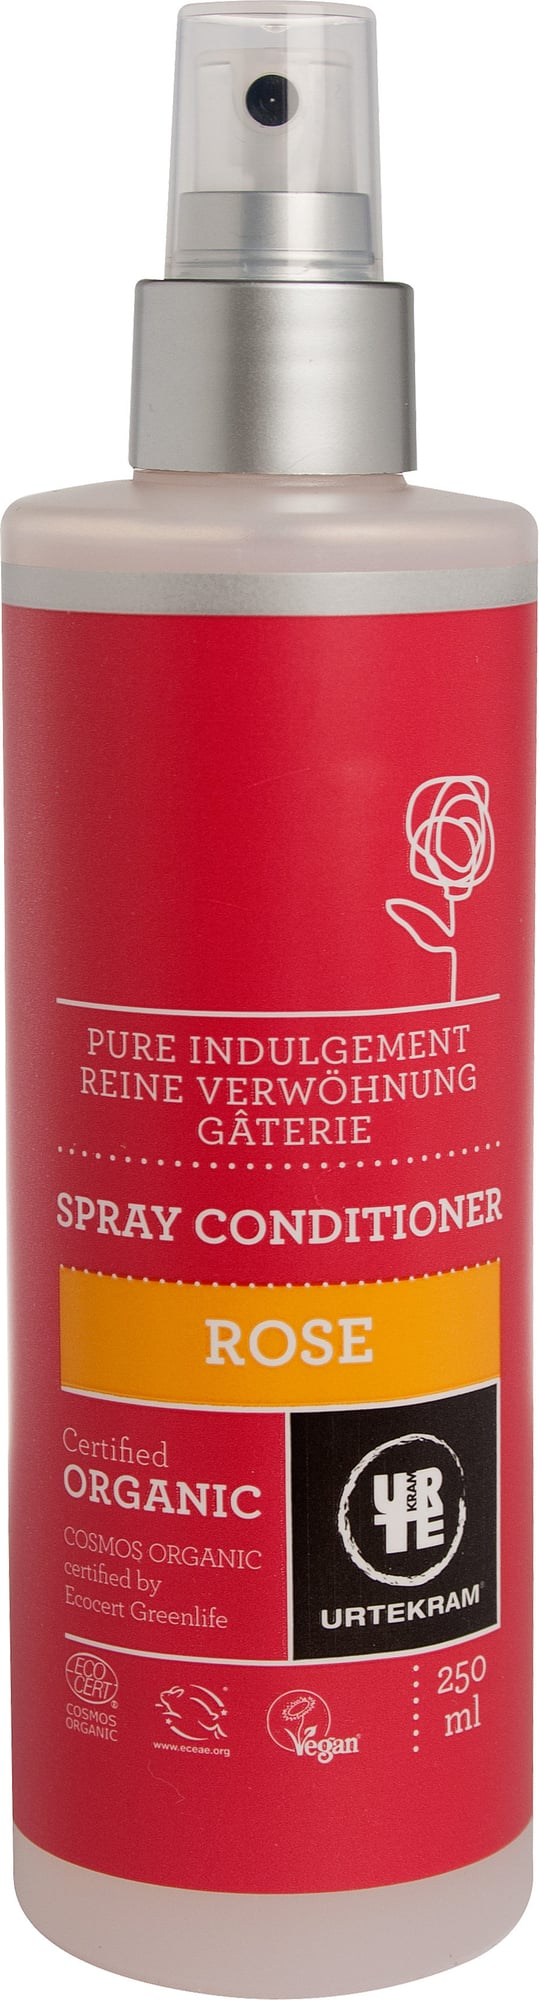 Urtekram Rose SprühConditioner Organic beauty, Hair